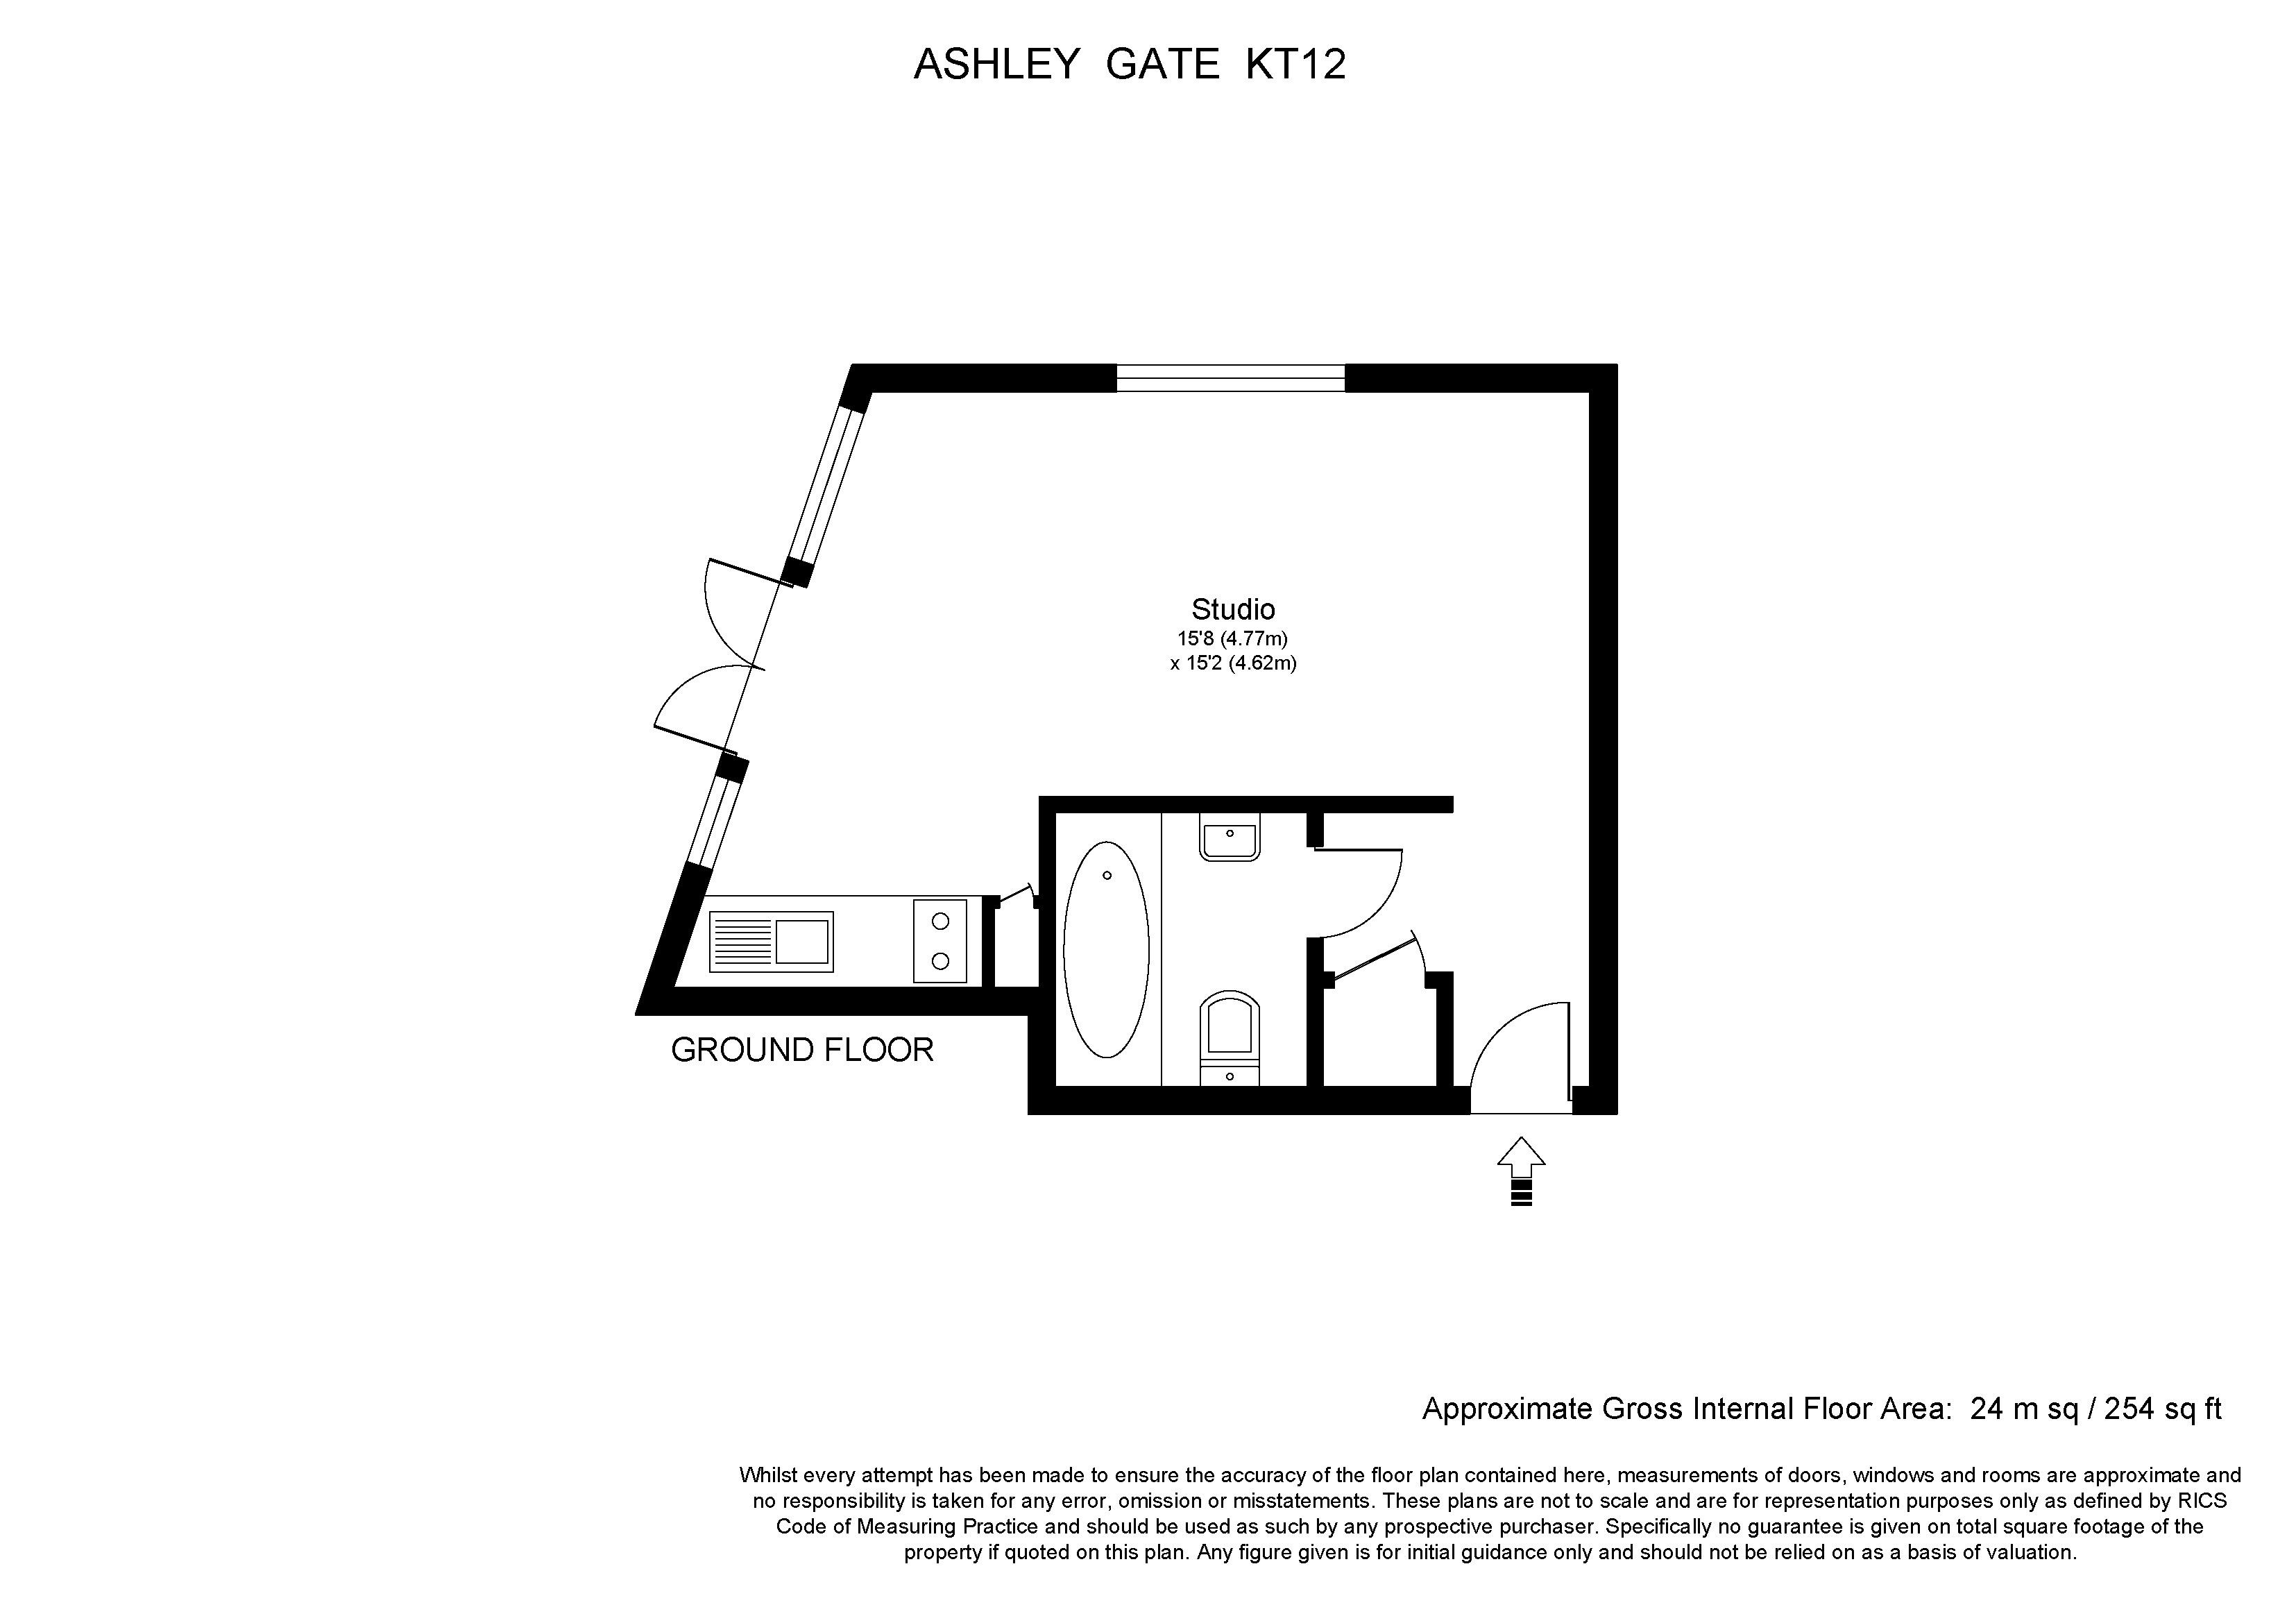 Ashley Gate